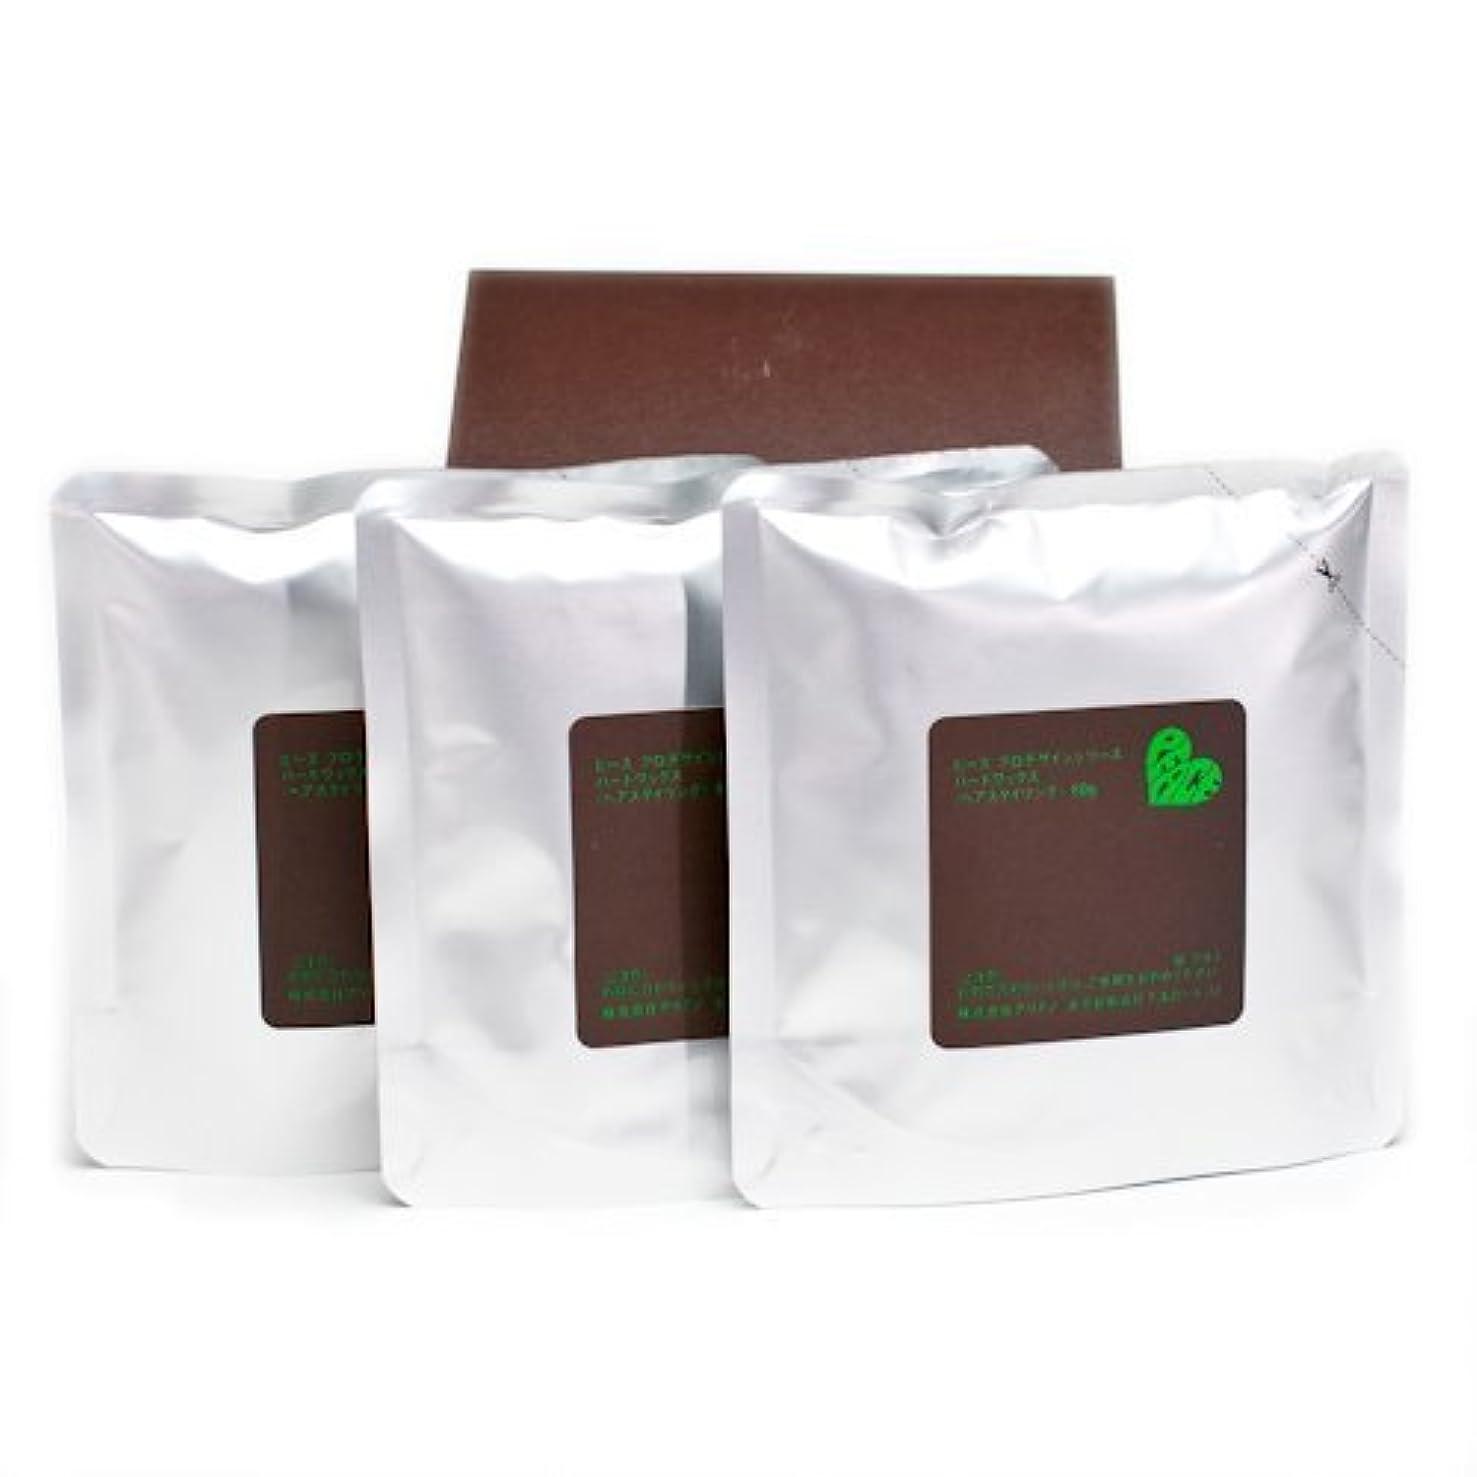 パレード暖かく推測アリミノ ピース ハードワックス (チョコ) 80g(業務?詰替用)×3個入り